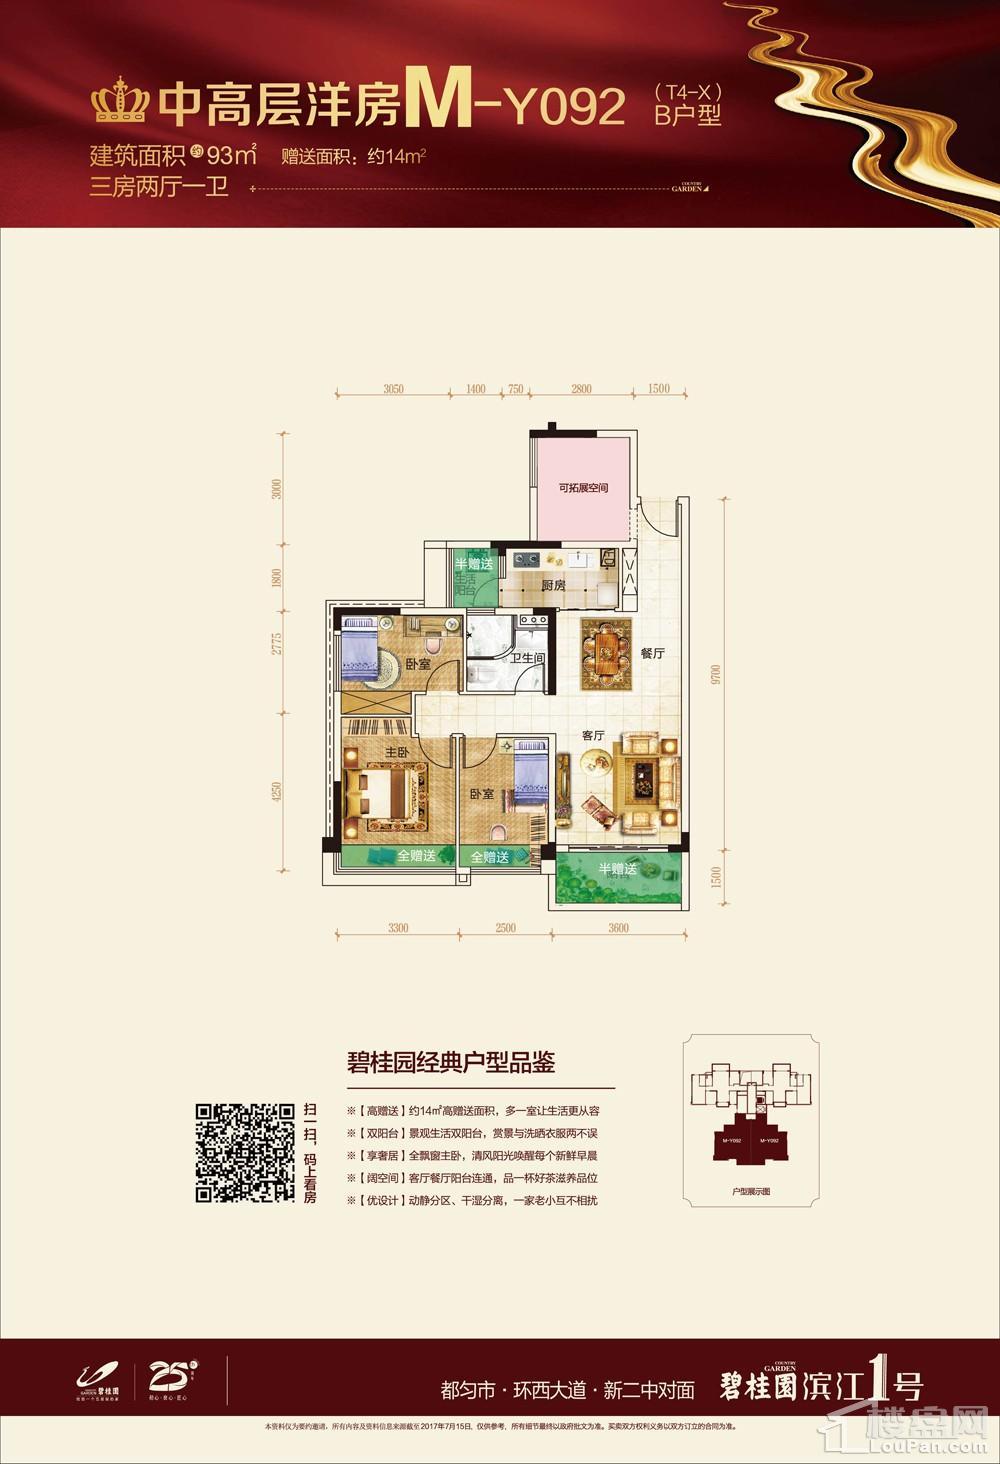 中高层洋房m-y092